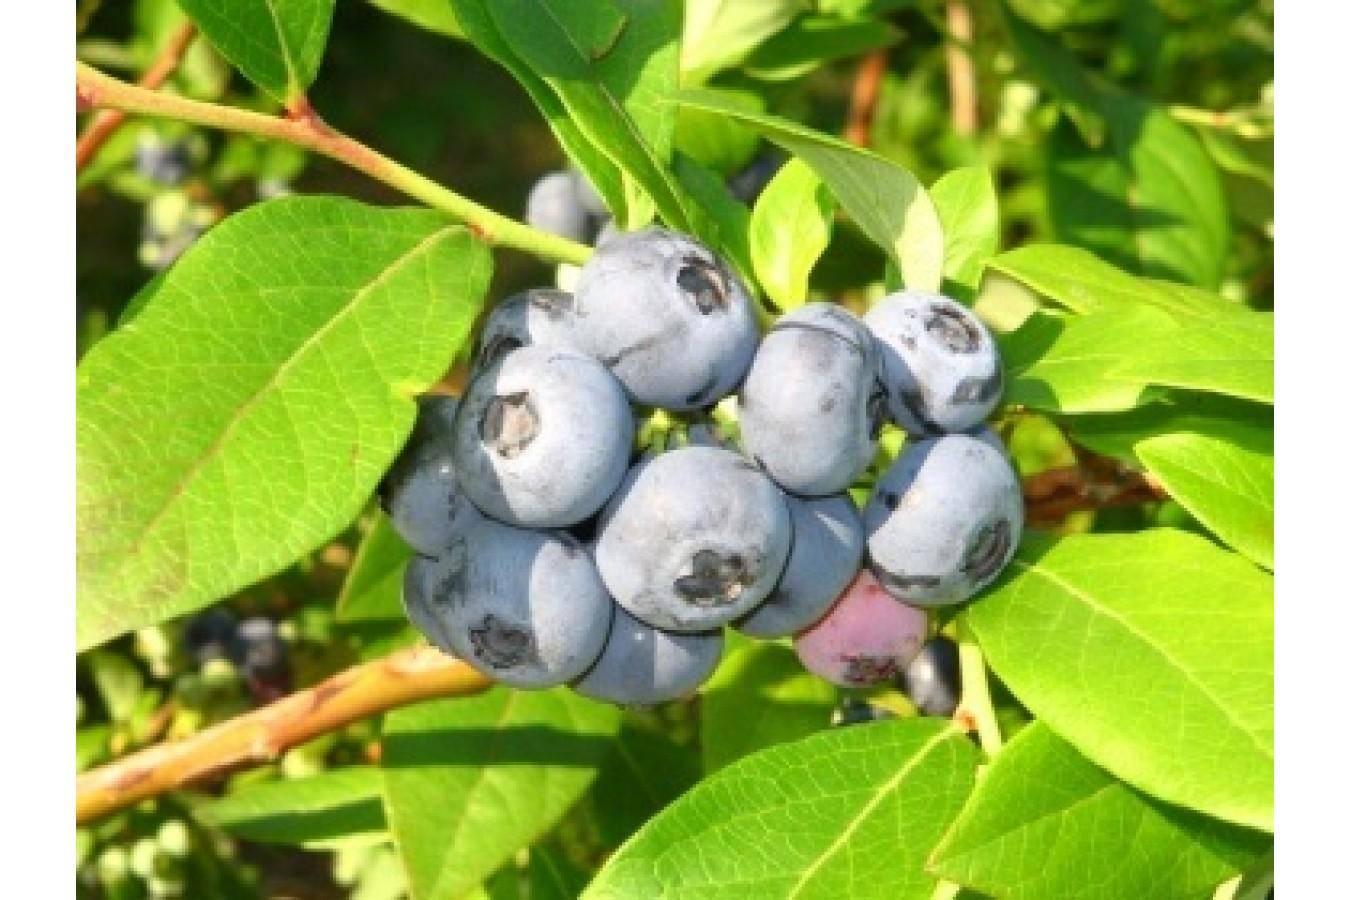 Голубика элизабет: отзывы, фото, описание сорта, правила выращивания и ухода, опылители, урожайность